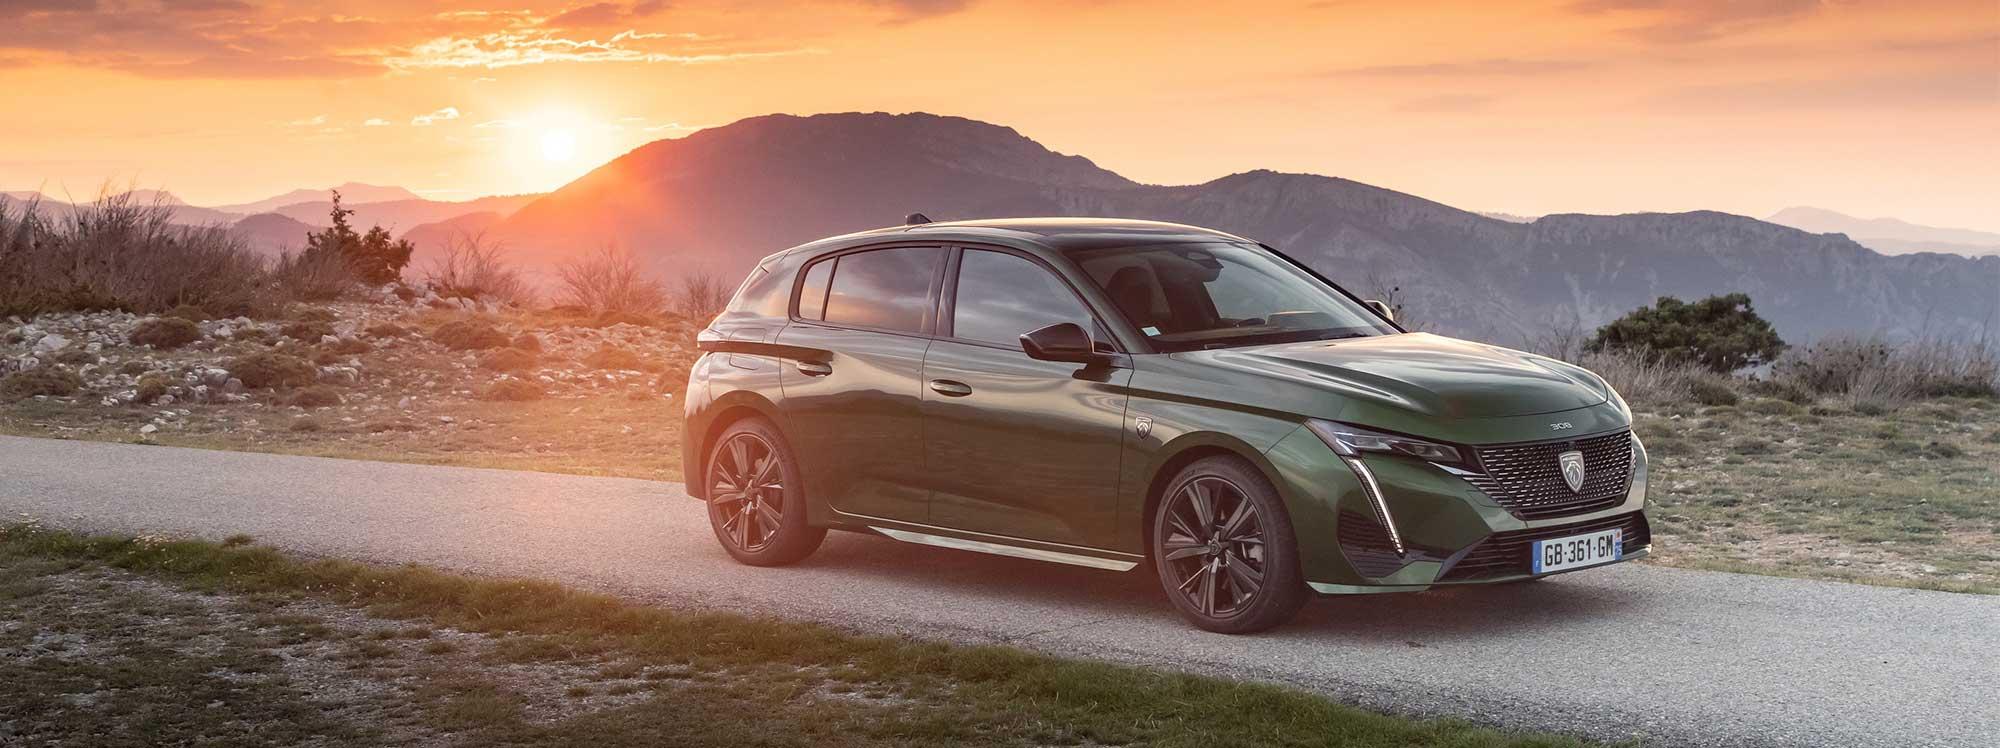 Un nuevo modelo por el aniversario 211 de Peugeot